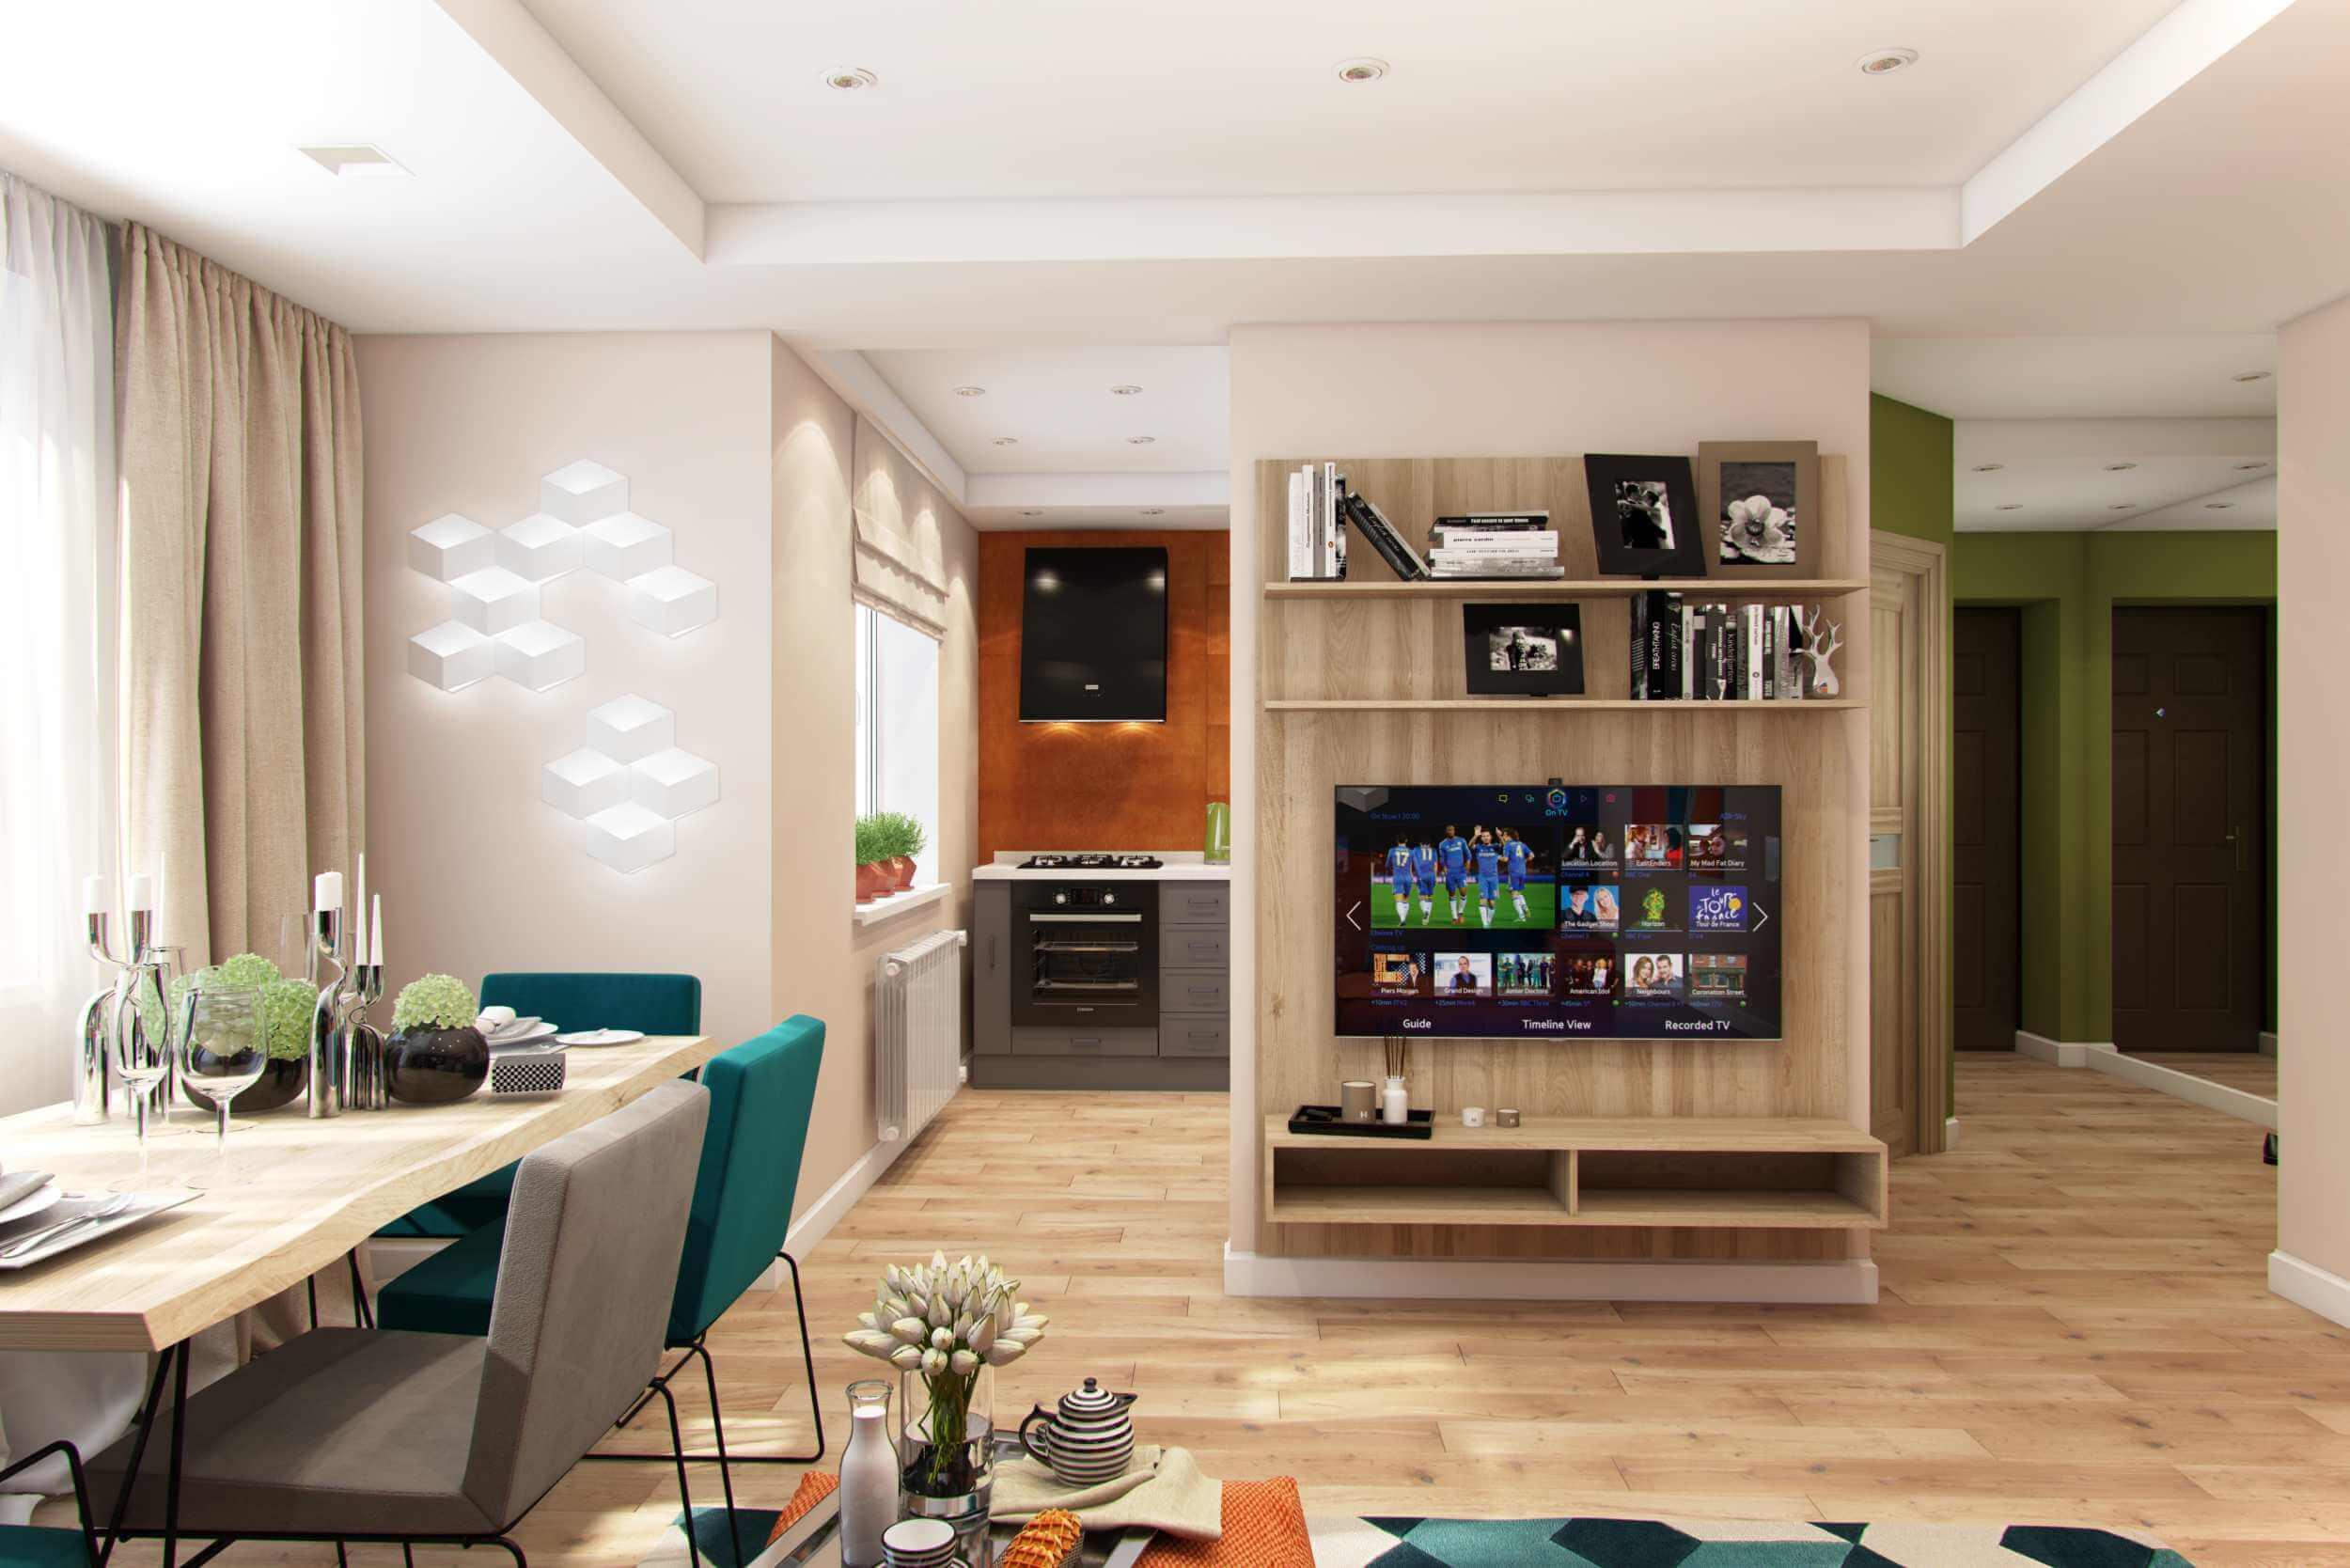 планировка квартиры студии в современном стиле